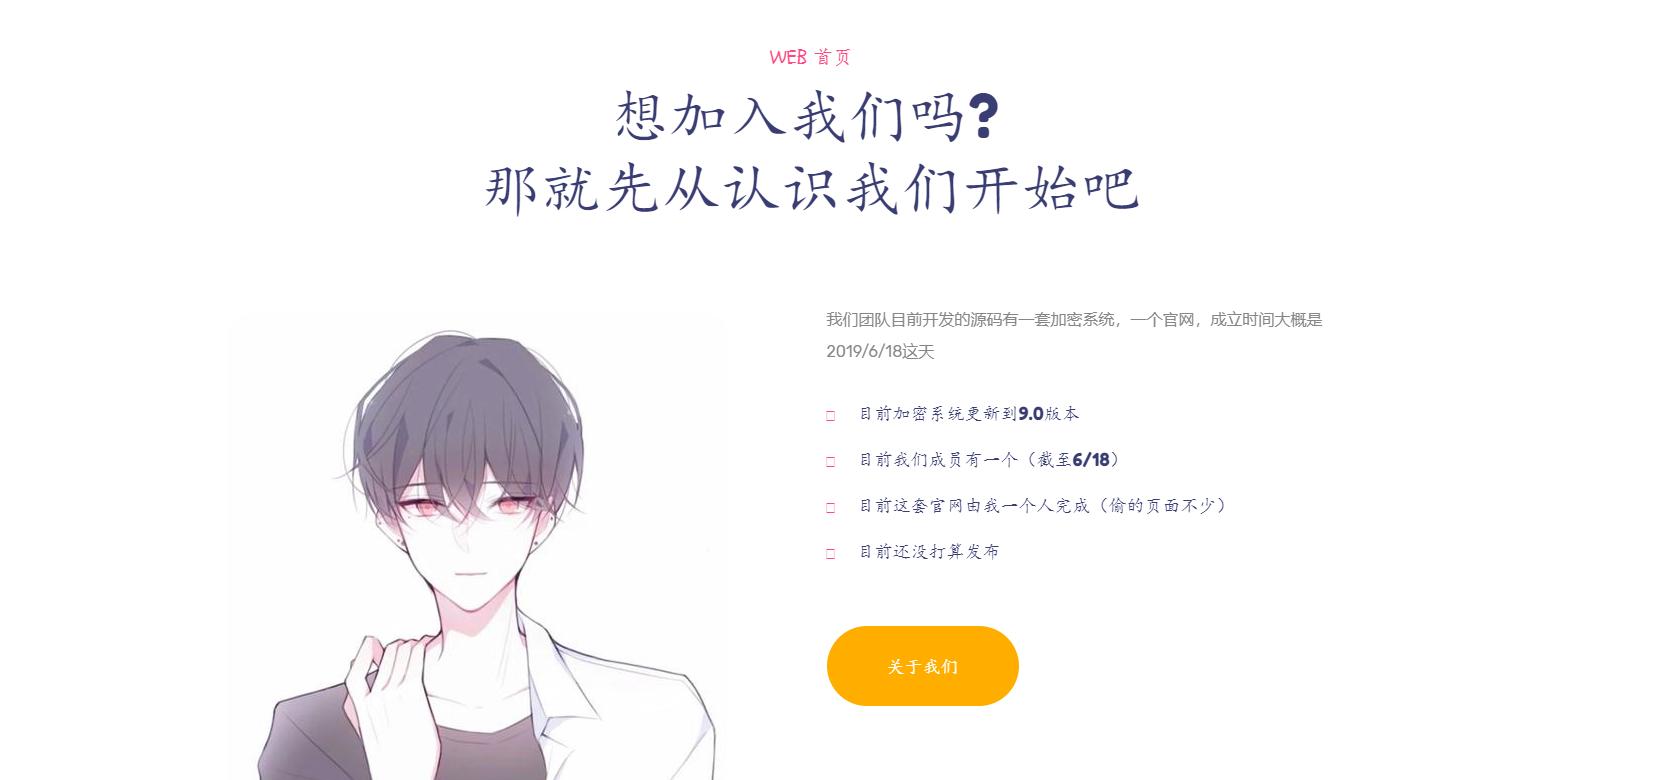 【网站源码】WEB个人页面HTML网站源码